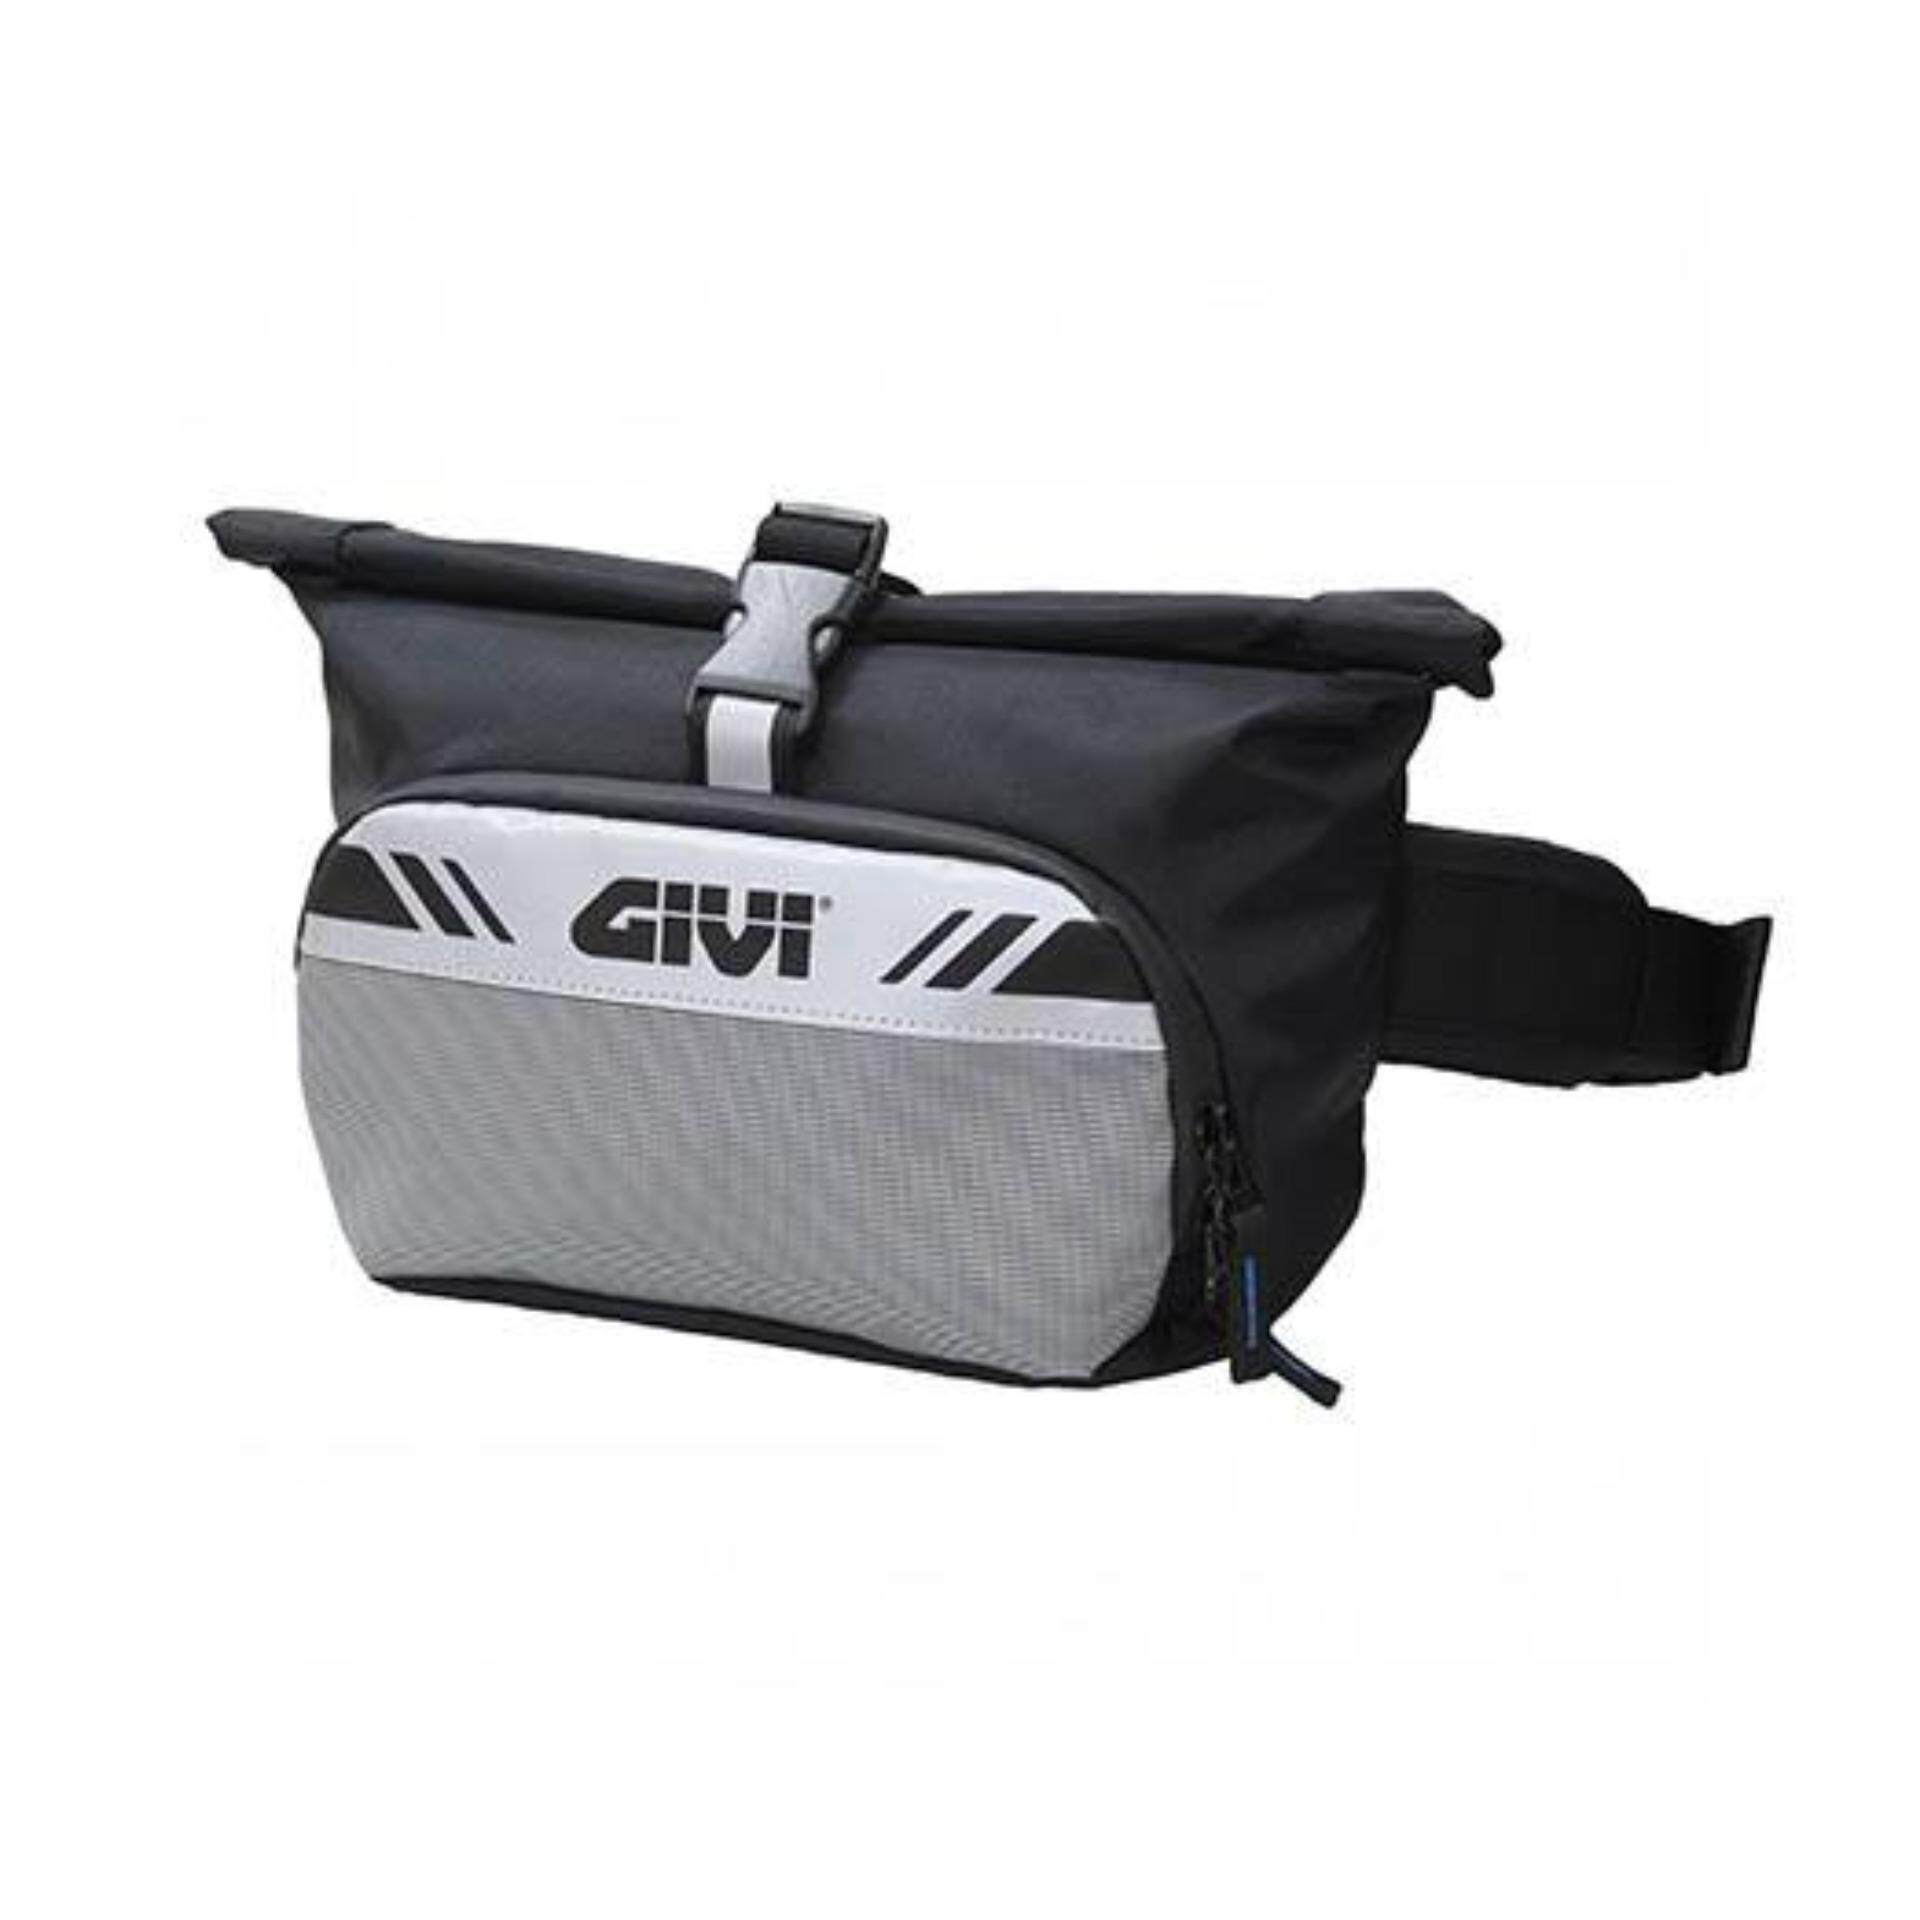 100% Original Givi RWB04 Waist Bag 3 Litre